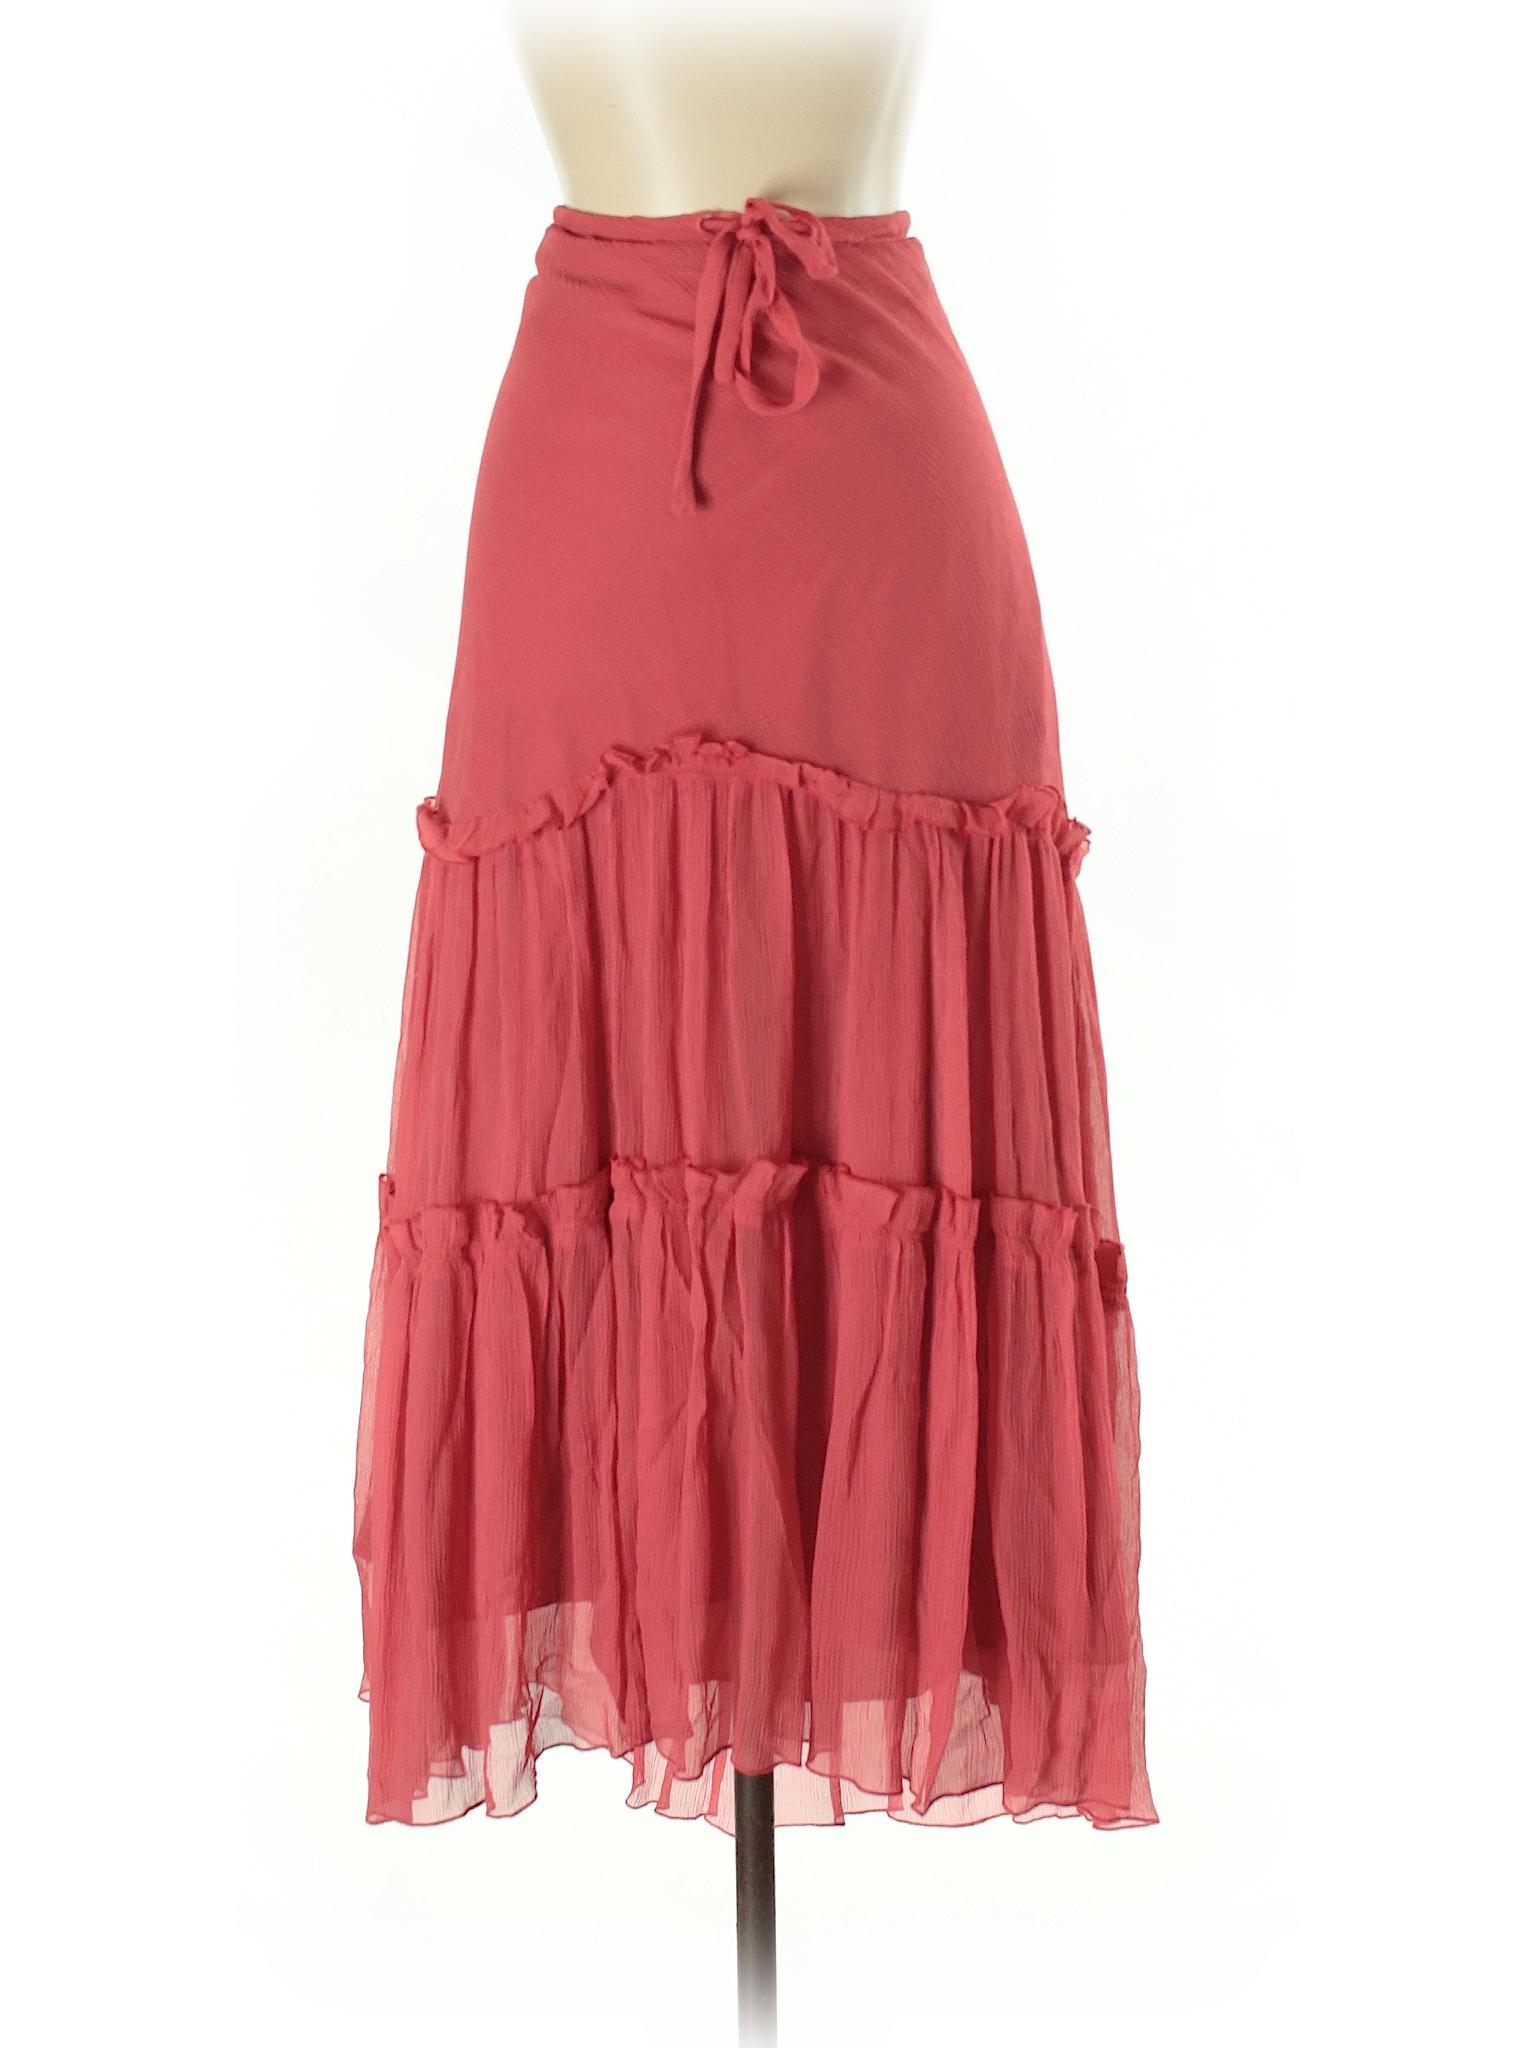 Boutique Boutique Silk Skirt Silk wva4x